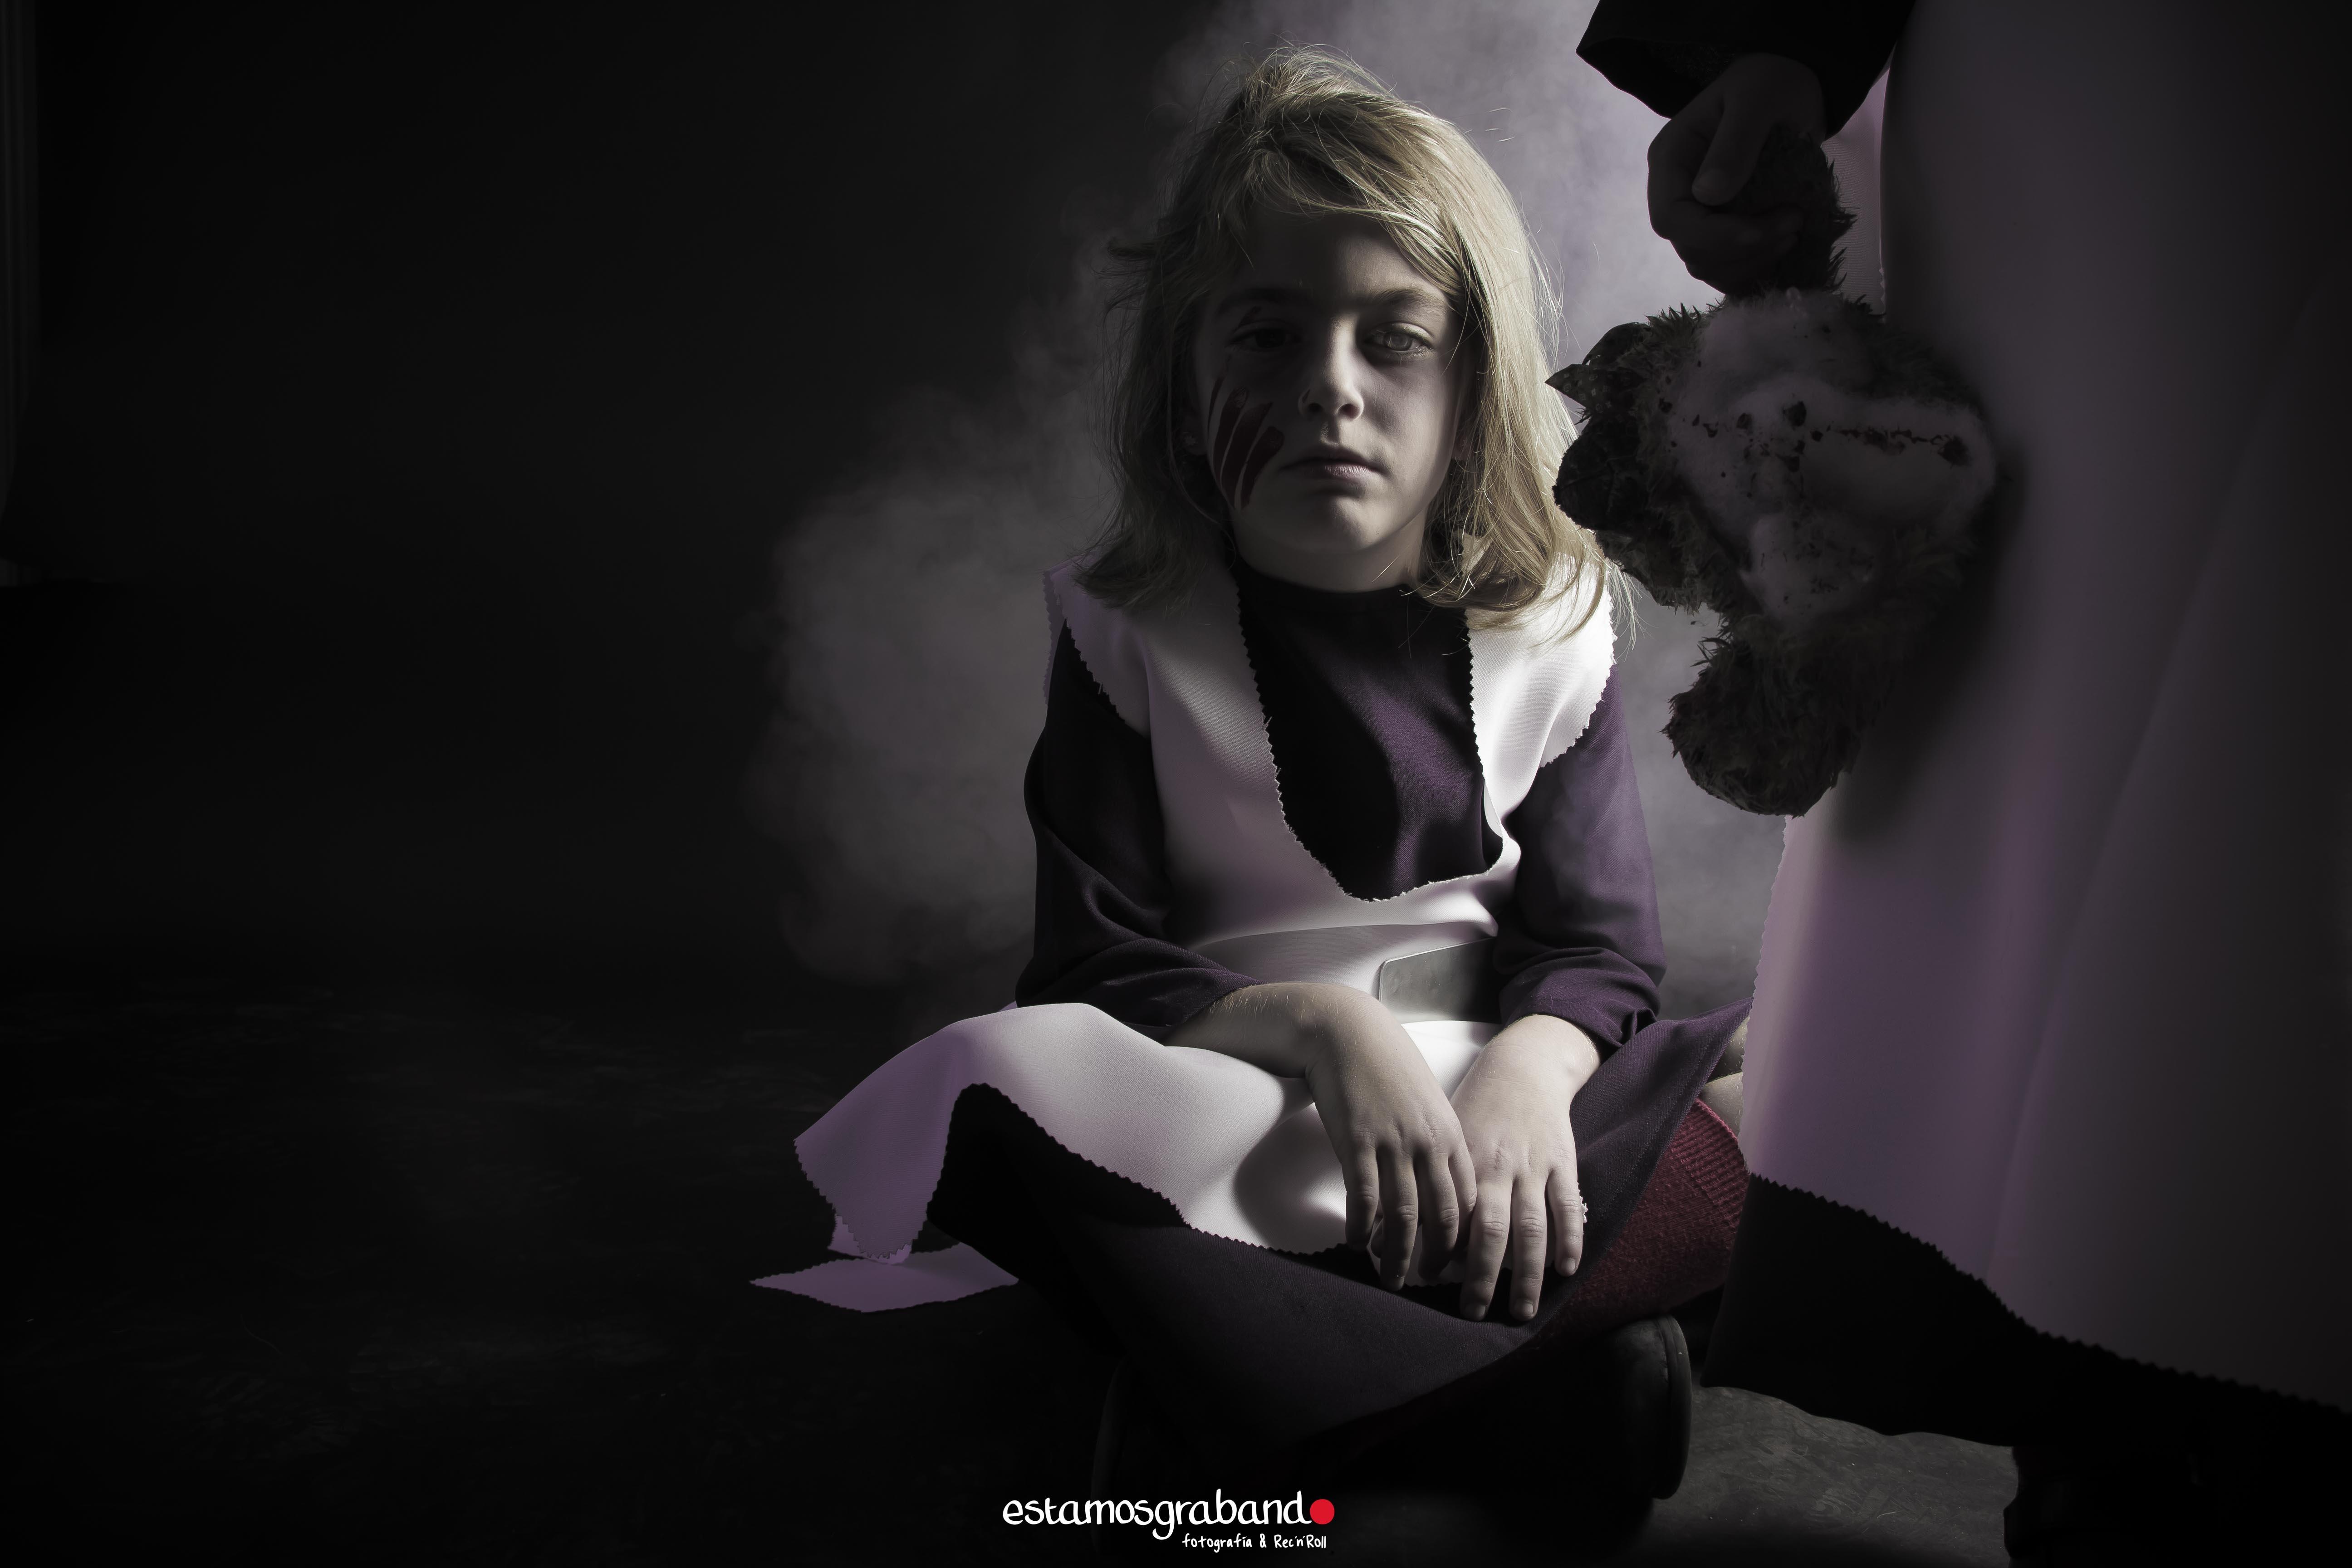 Halloween_estamosgrabando-12 Sesiones Terroríficas Volumen I_Fotografía Halloween - video boda cadiz